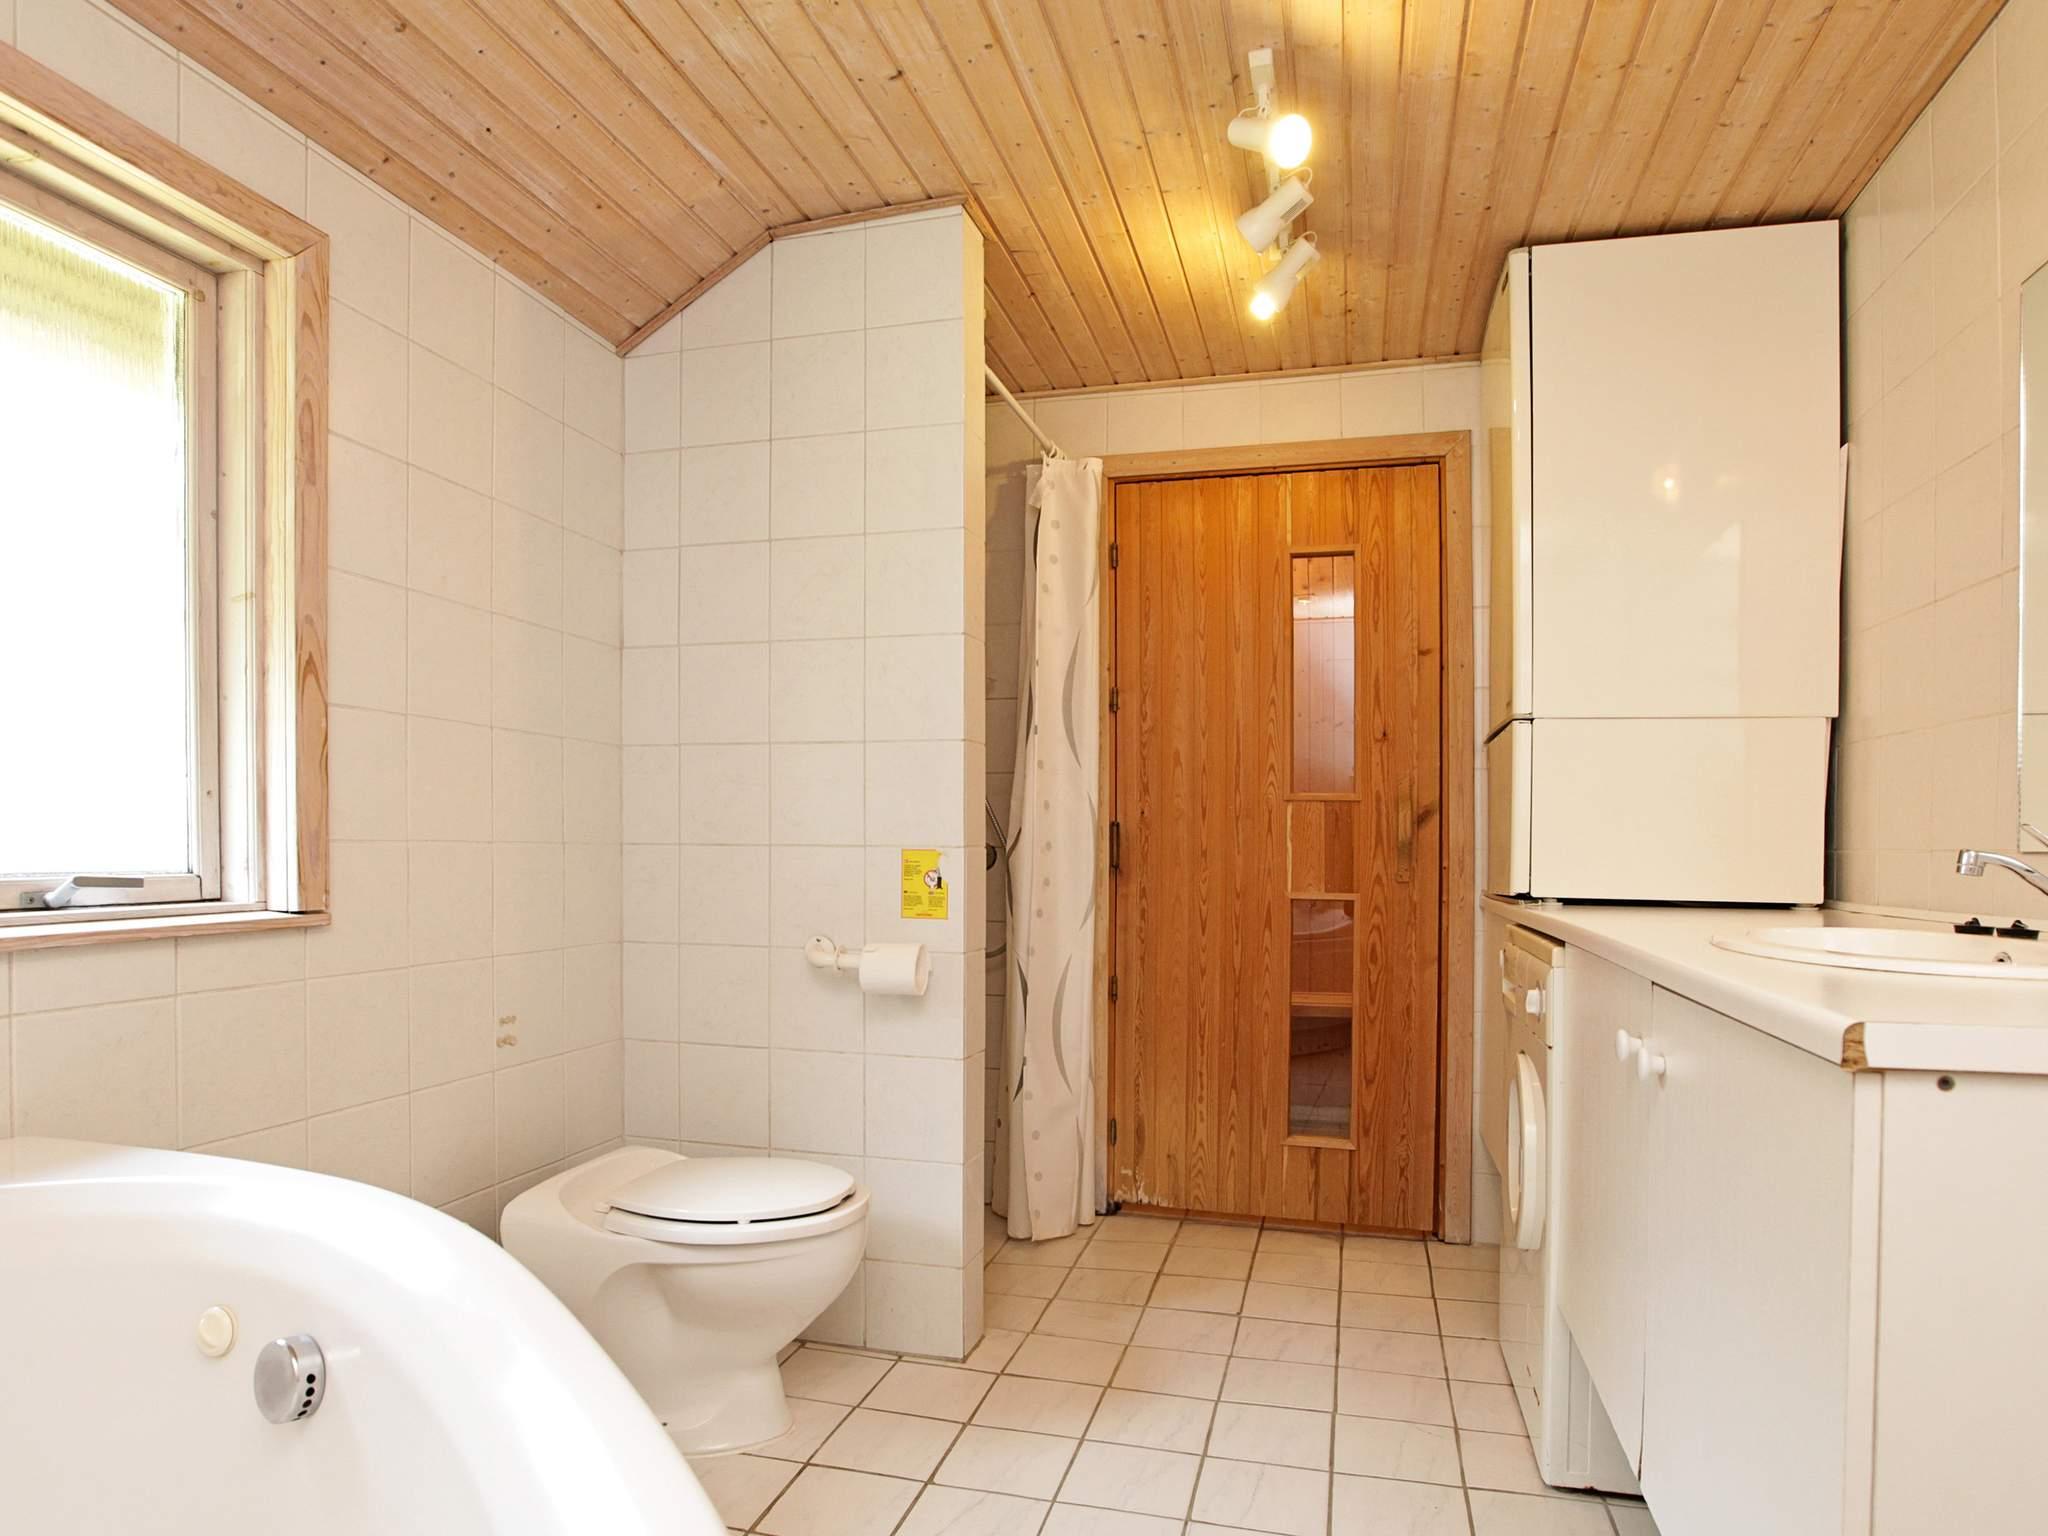 Maison de vacances Hummingen (84295), Hummingen, , Lolland, Danemark, image 21